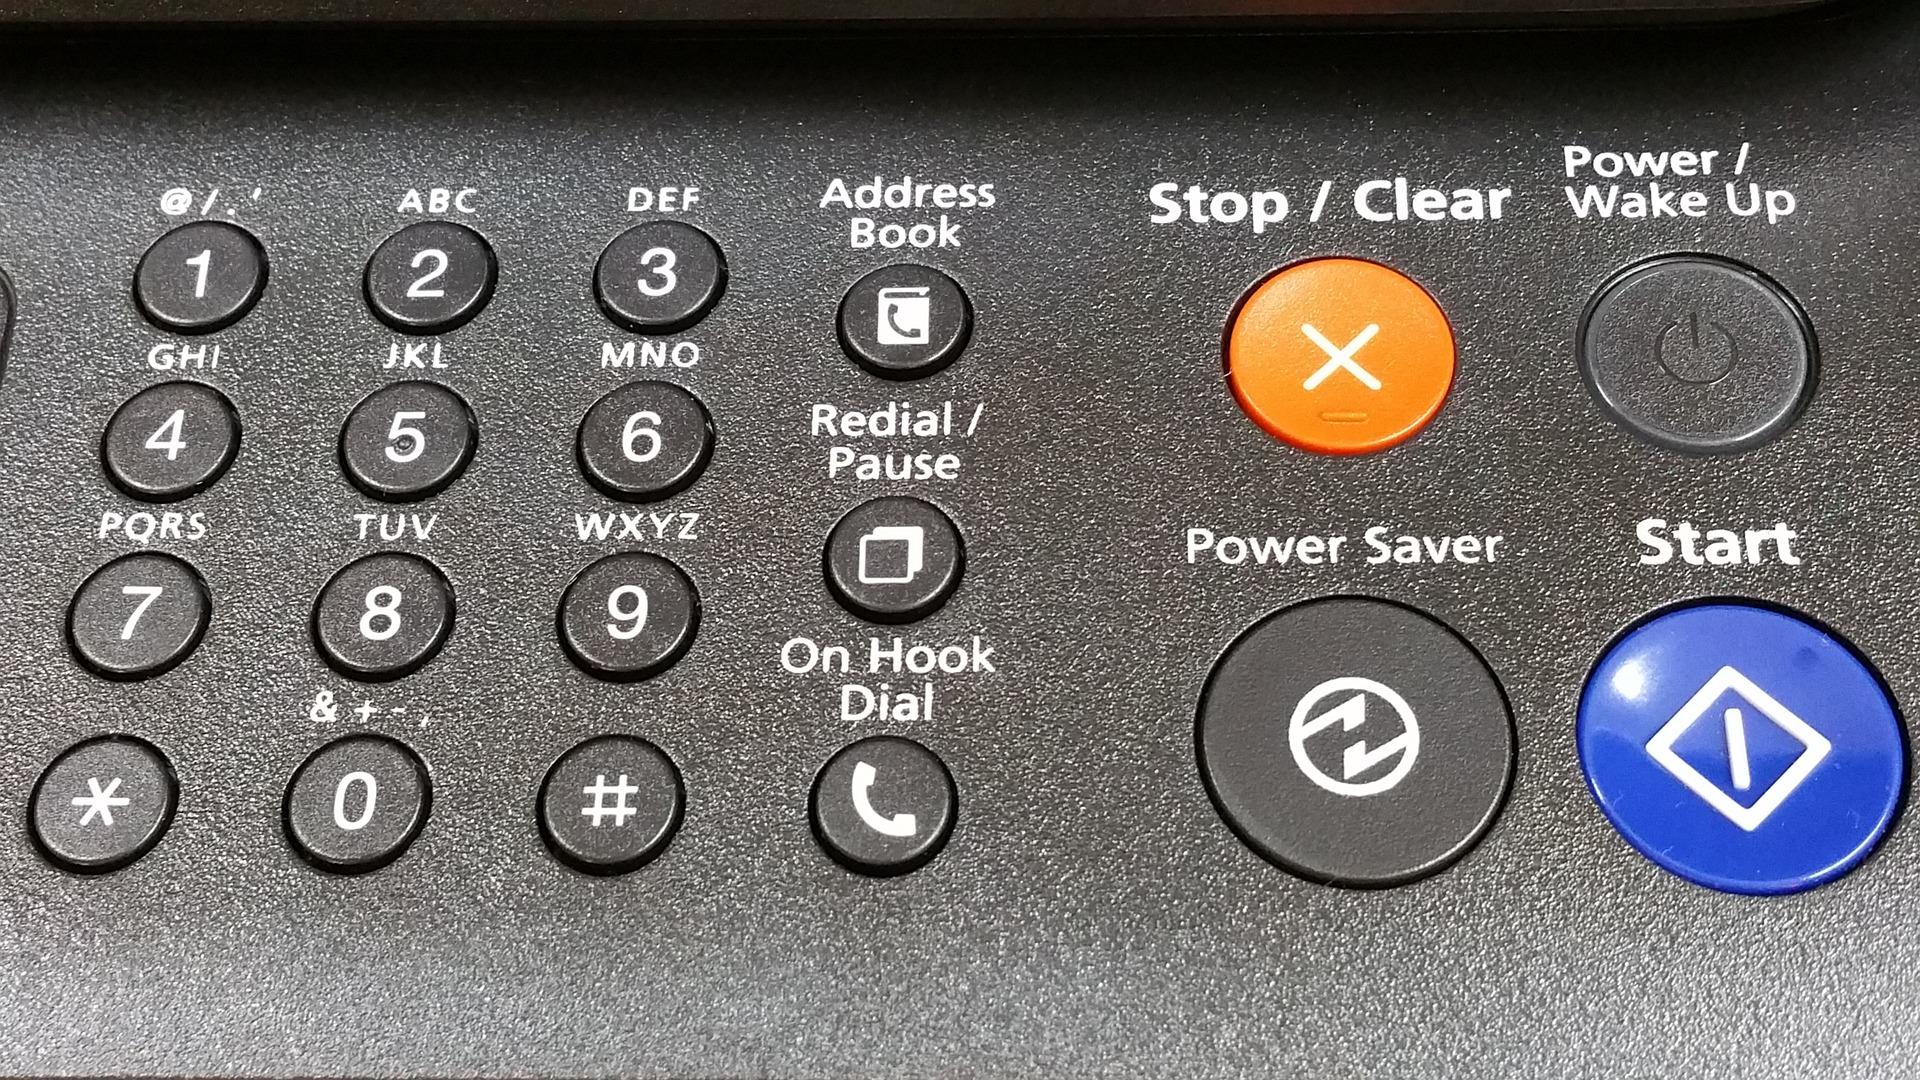 كيف ارسل واستلم فاكس باستخدام الانترنت بدون جهاز فاكس او تلفون؟